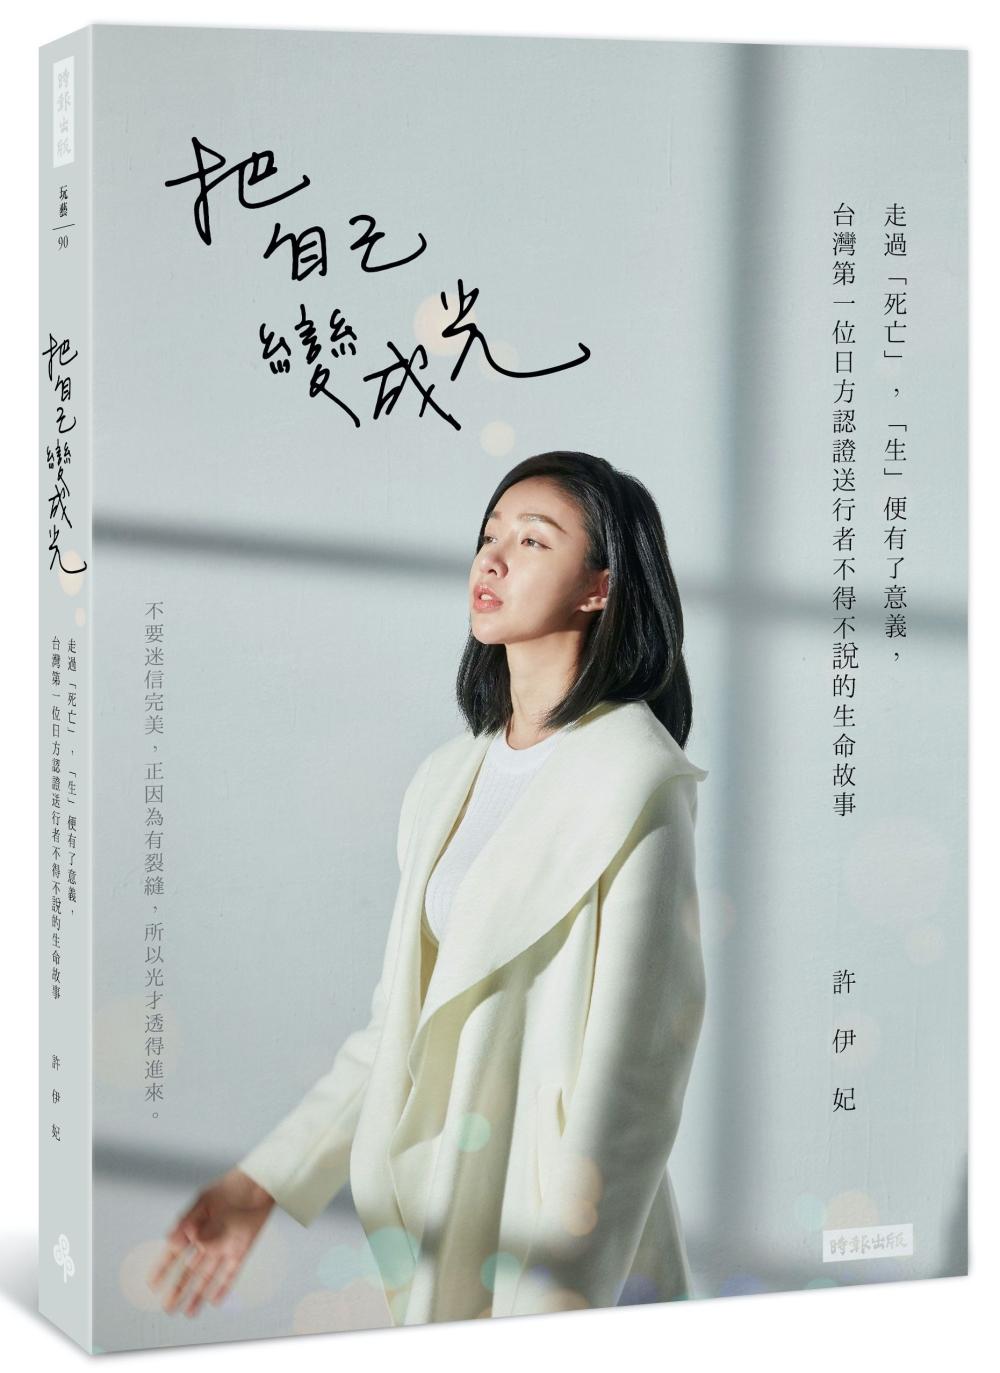 把自己變成光:走過「死亡」,「生」便有了意義,台灣第一位日方認證送行者不得不說的生命故事